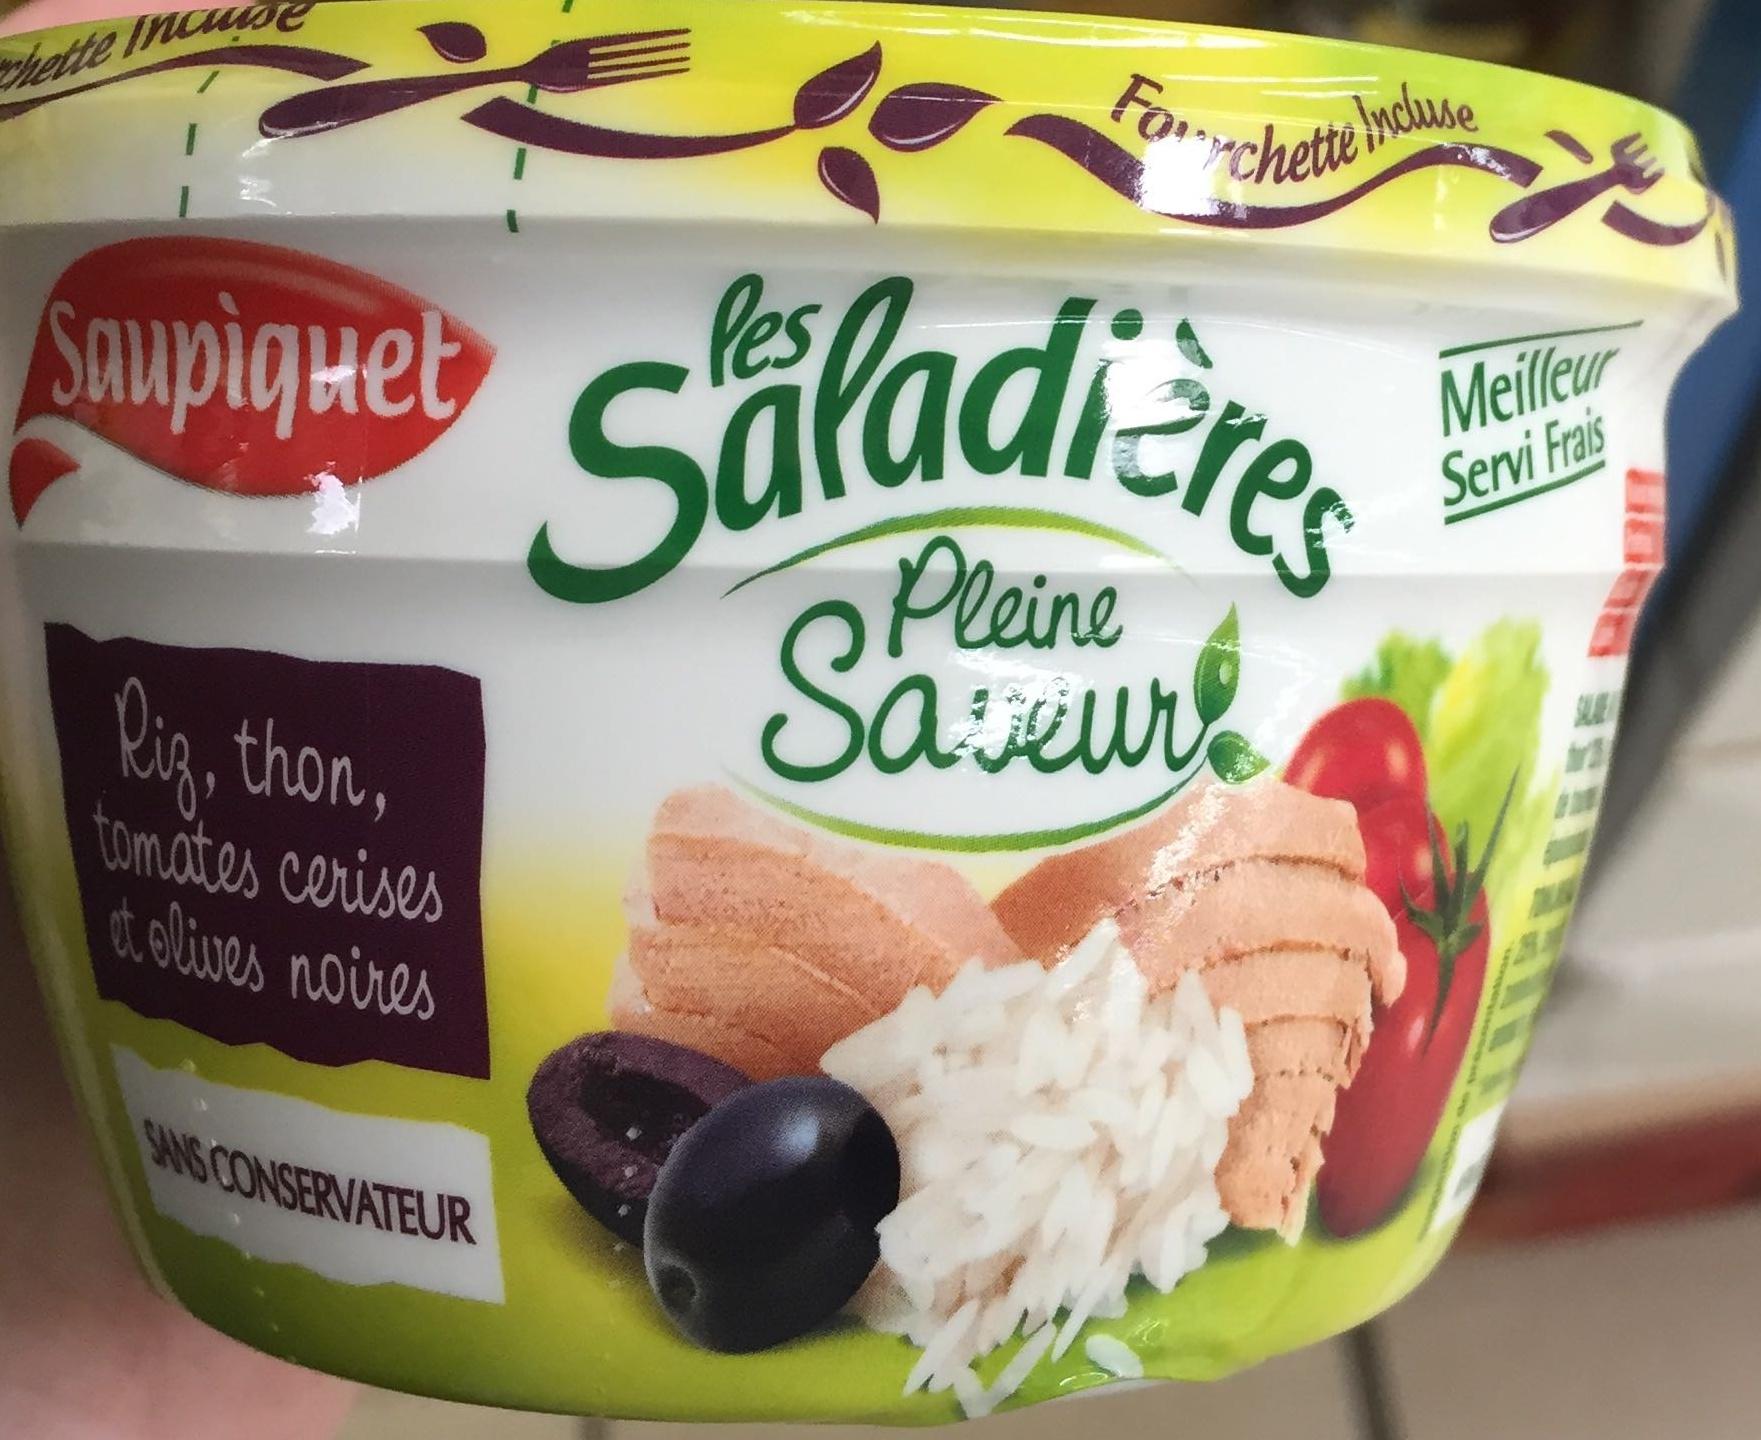 Les Saladières Pleine Saveur Riz, thon, tomates cerises et olives noires - Produit - fr